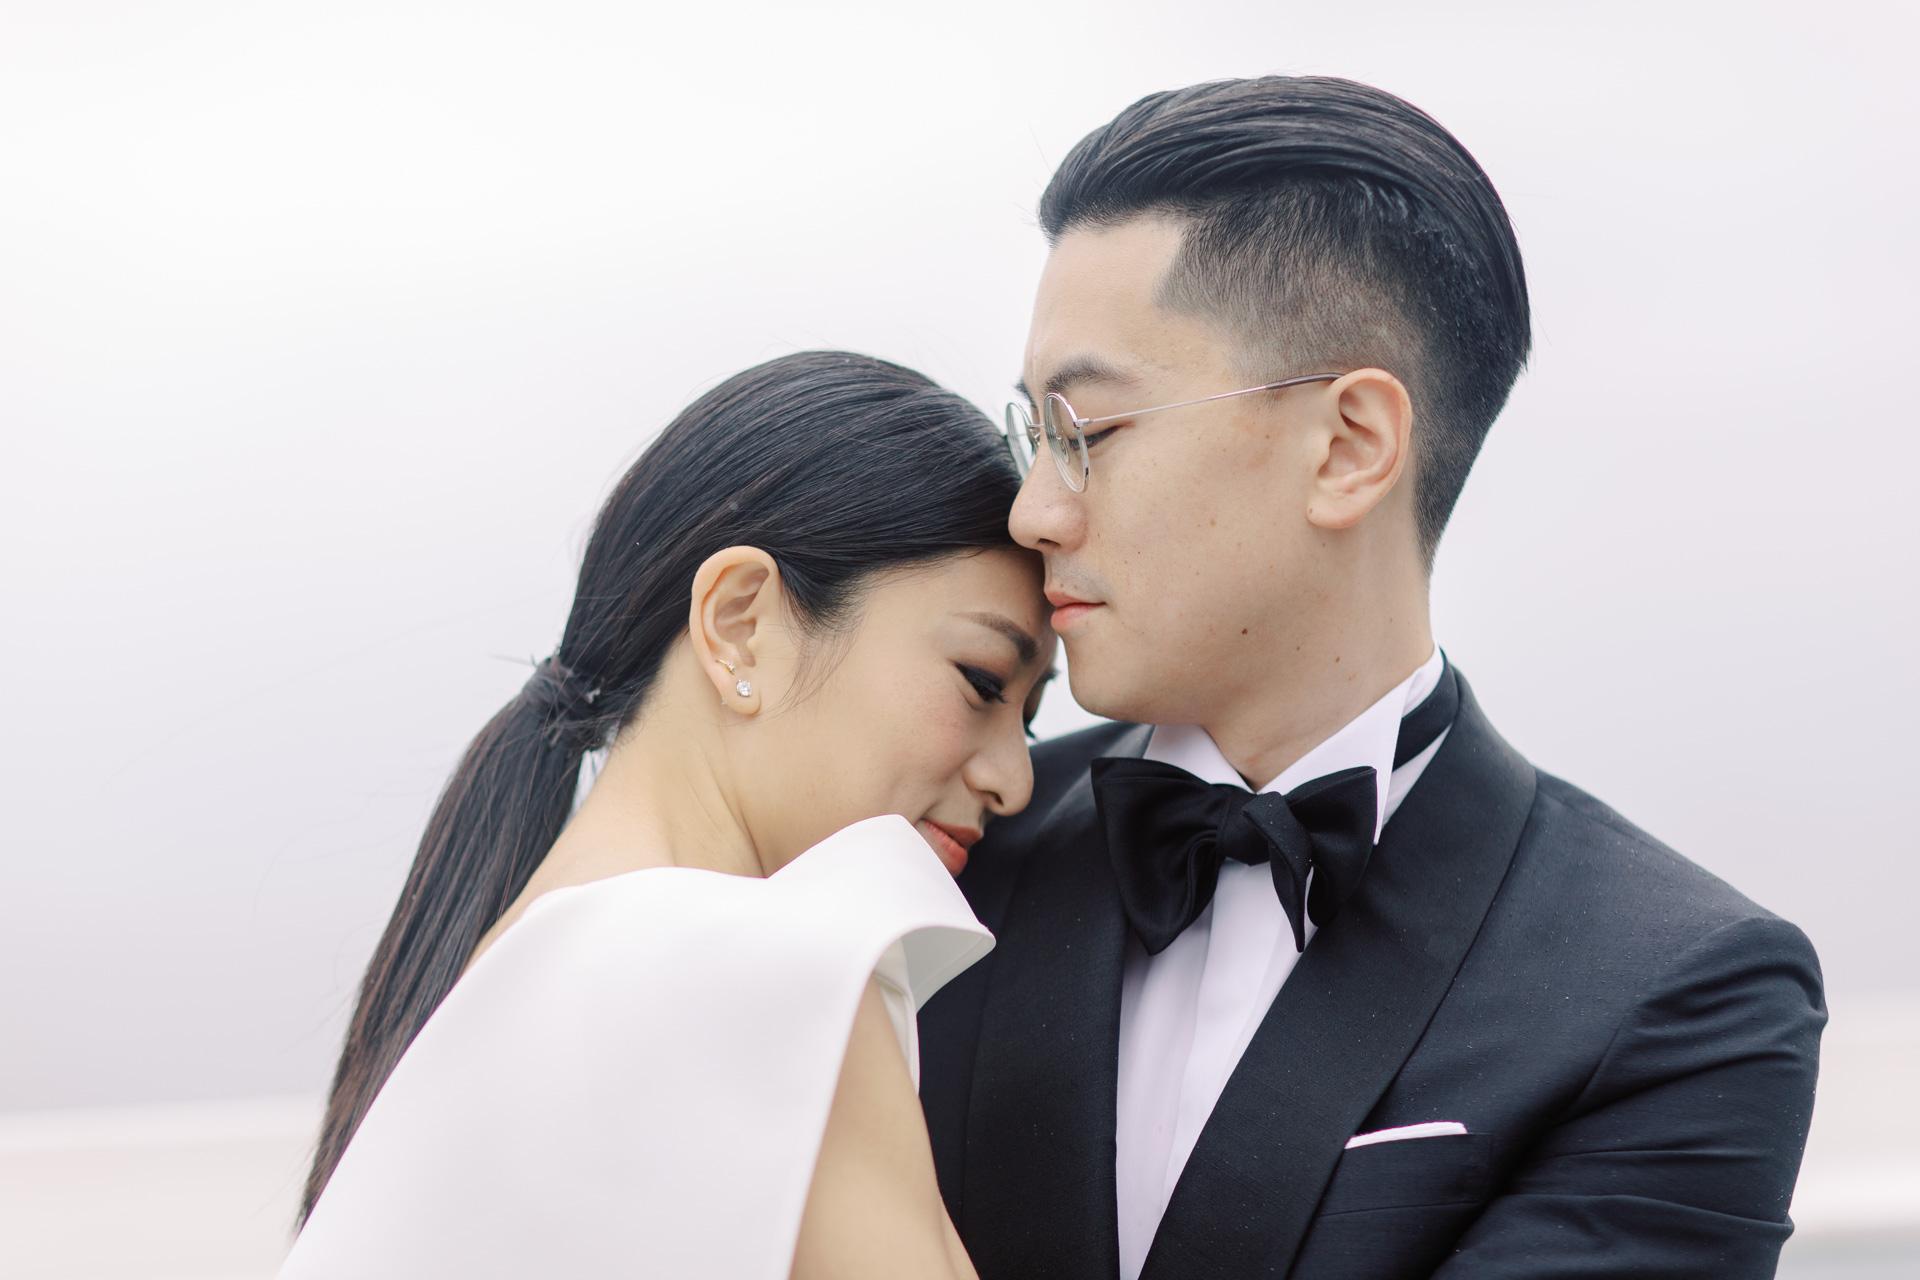 nikkiloveu-hongkong-wedding-day-hexa-ant-cat-lauhaus-007.jpg